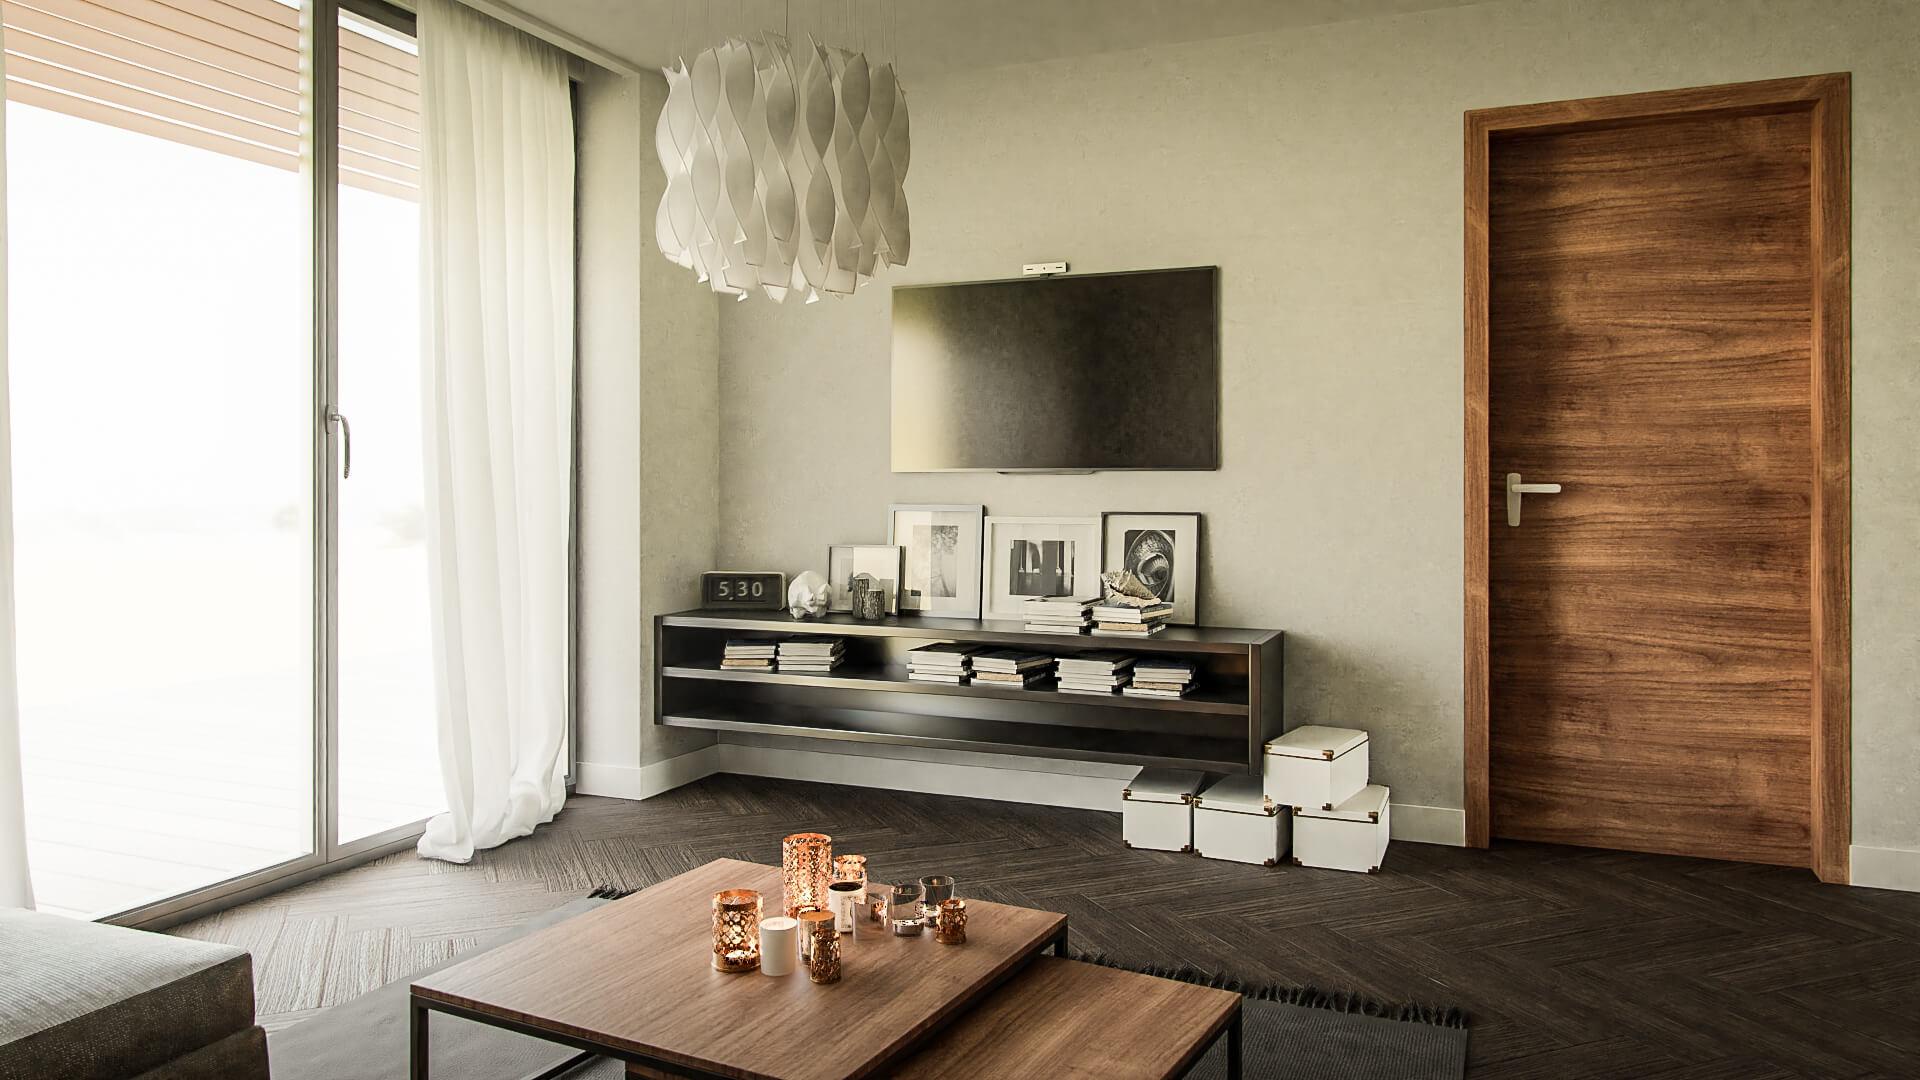 Predané: Novostavba bungalov radovka, 4 izbový, pozemok 300m2, užitkova 75m2-7